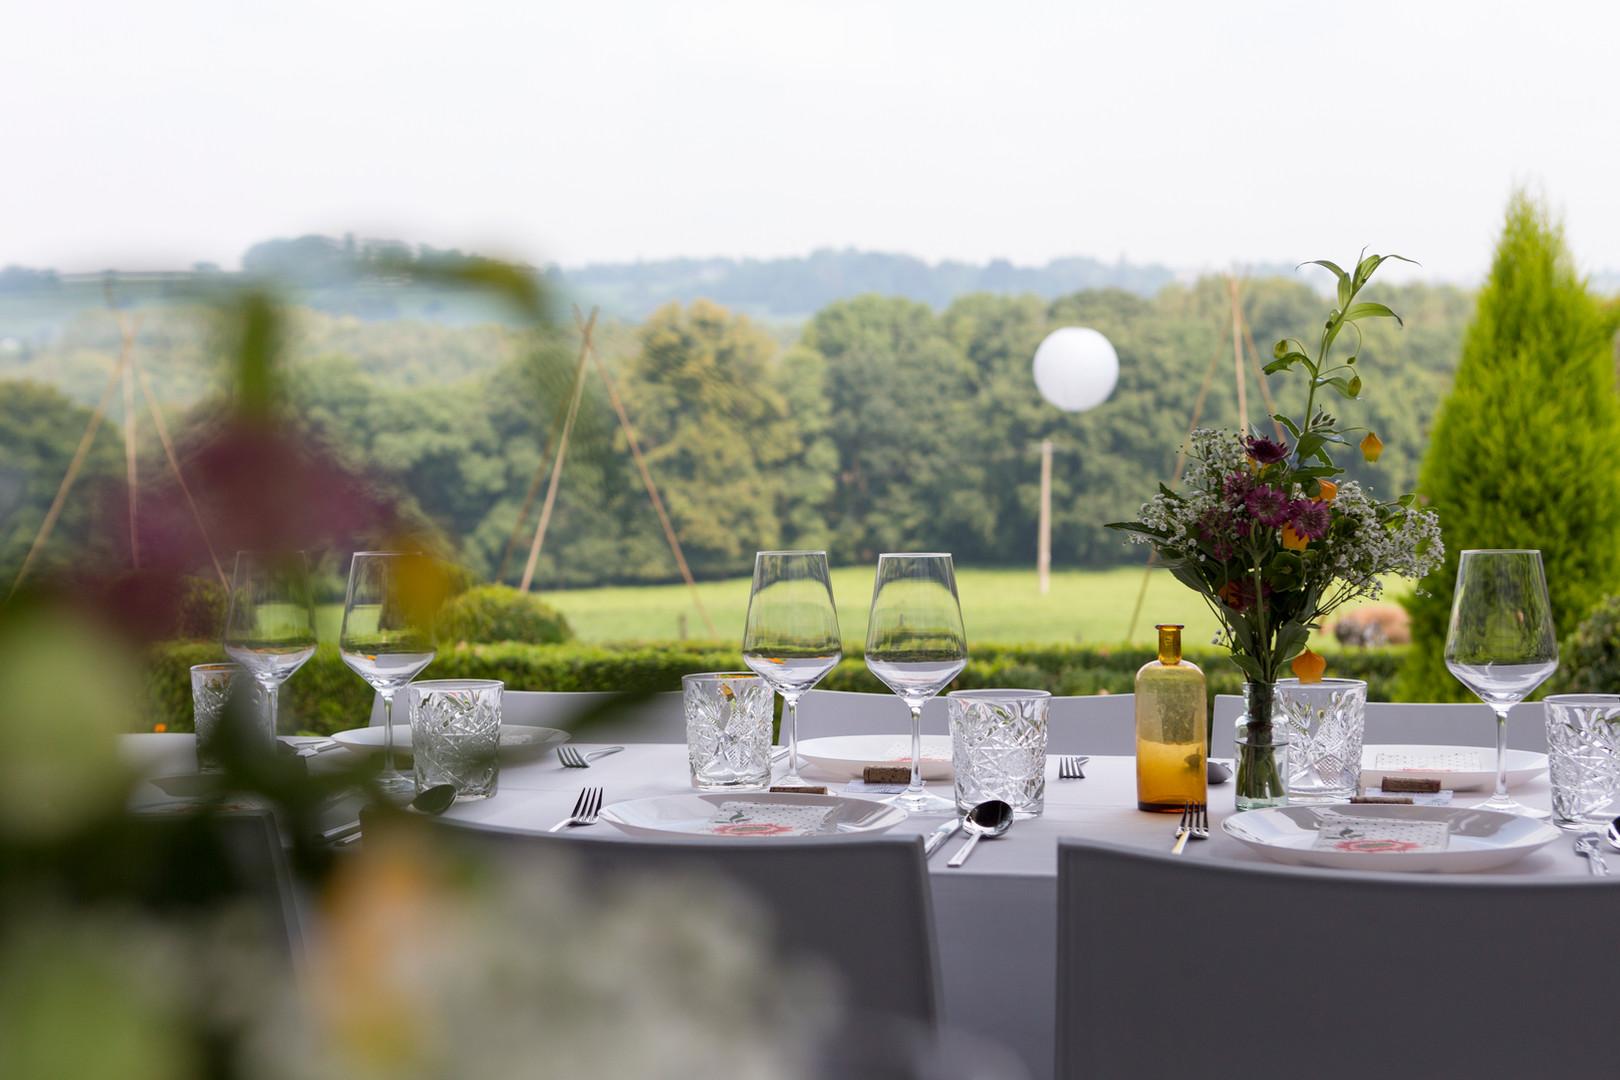 Prachtig uitzicht van de eettafel